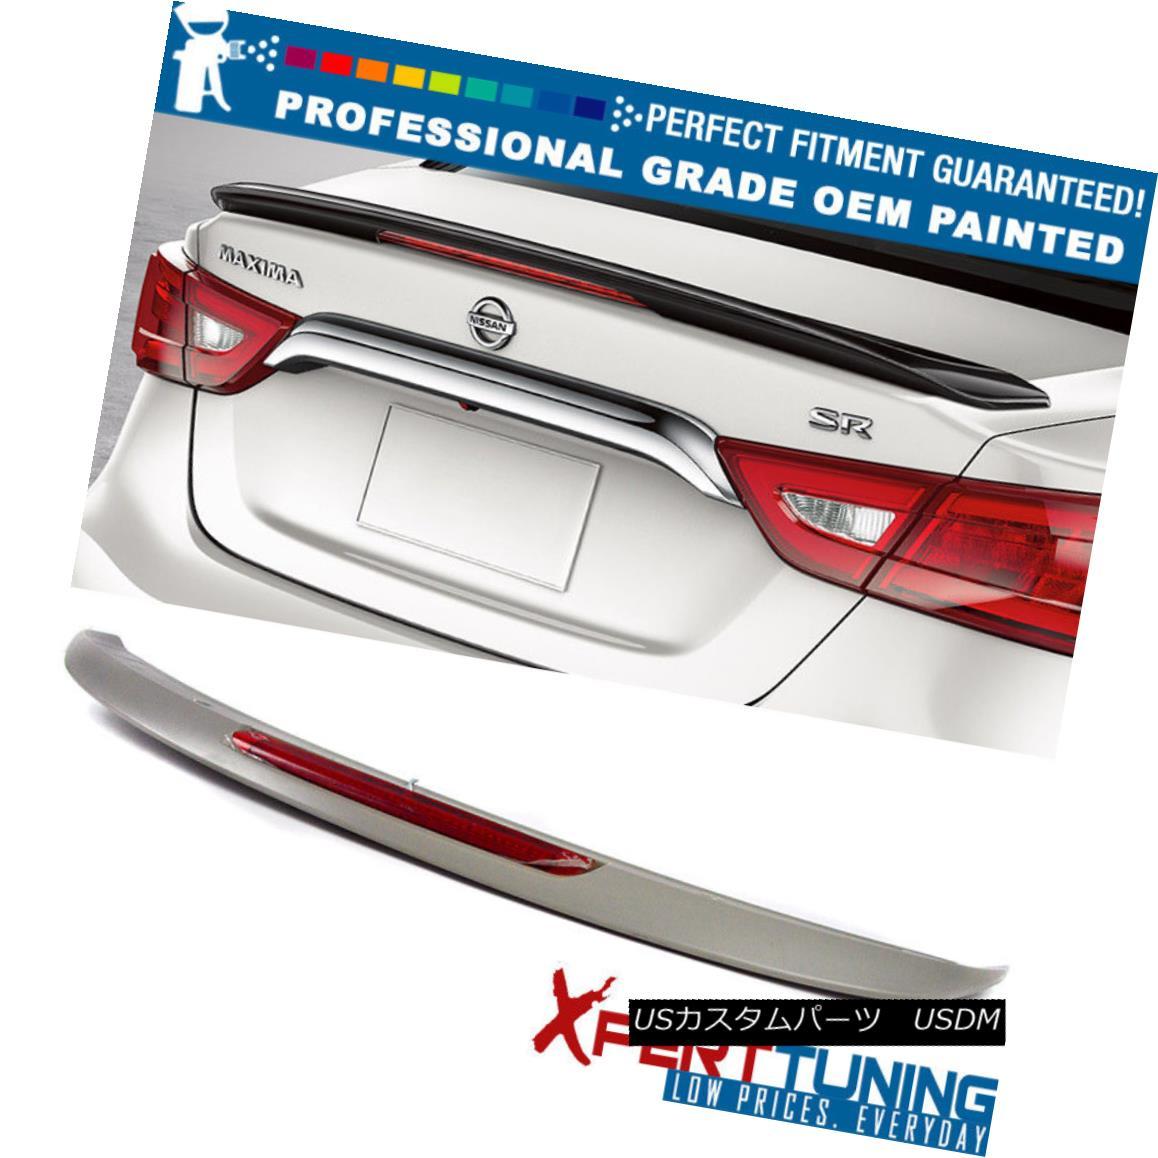 エアロパーツ Fit 16-18 Maxima A36 Painted OE SR Trunk Spoiler LED Brake - OEM Painted Color フィット16-18マキシマA36塗装OE SRトランクスポイラーLEDブレーキ - OEM塗装色